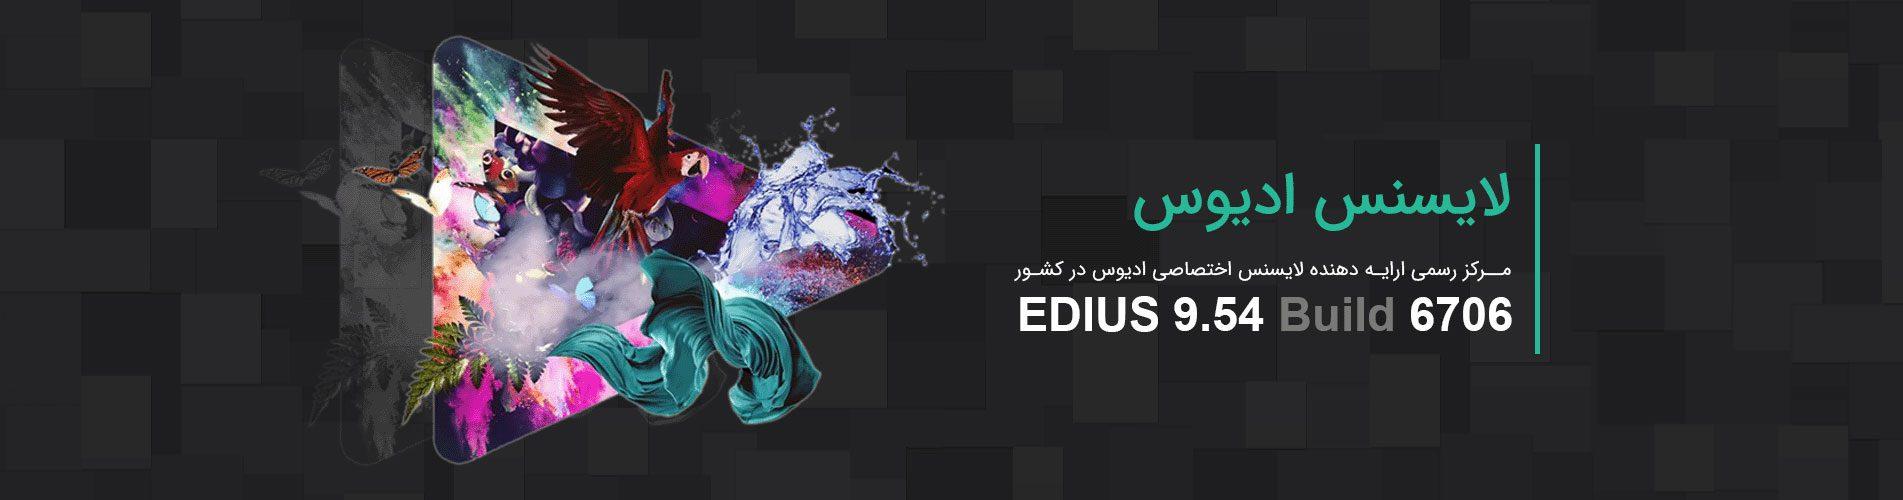 لایسنس ادیوس 9.54